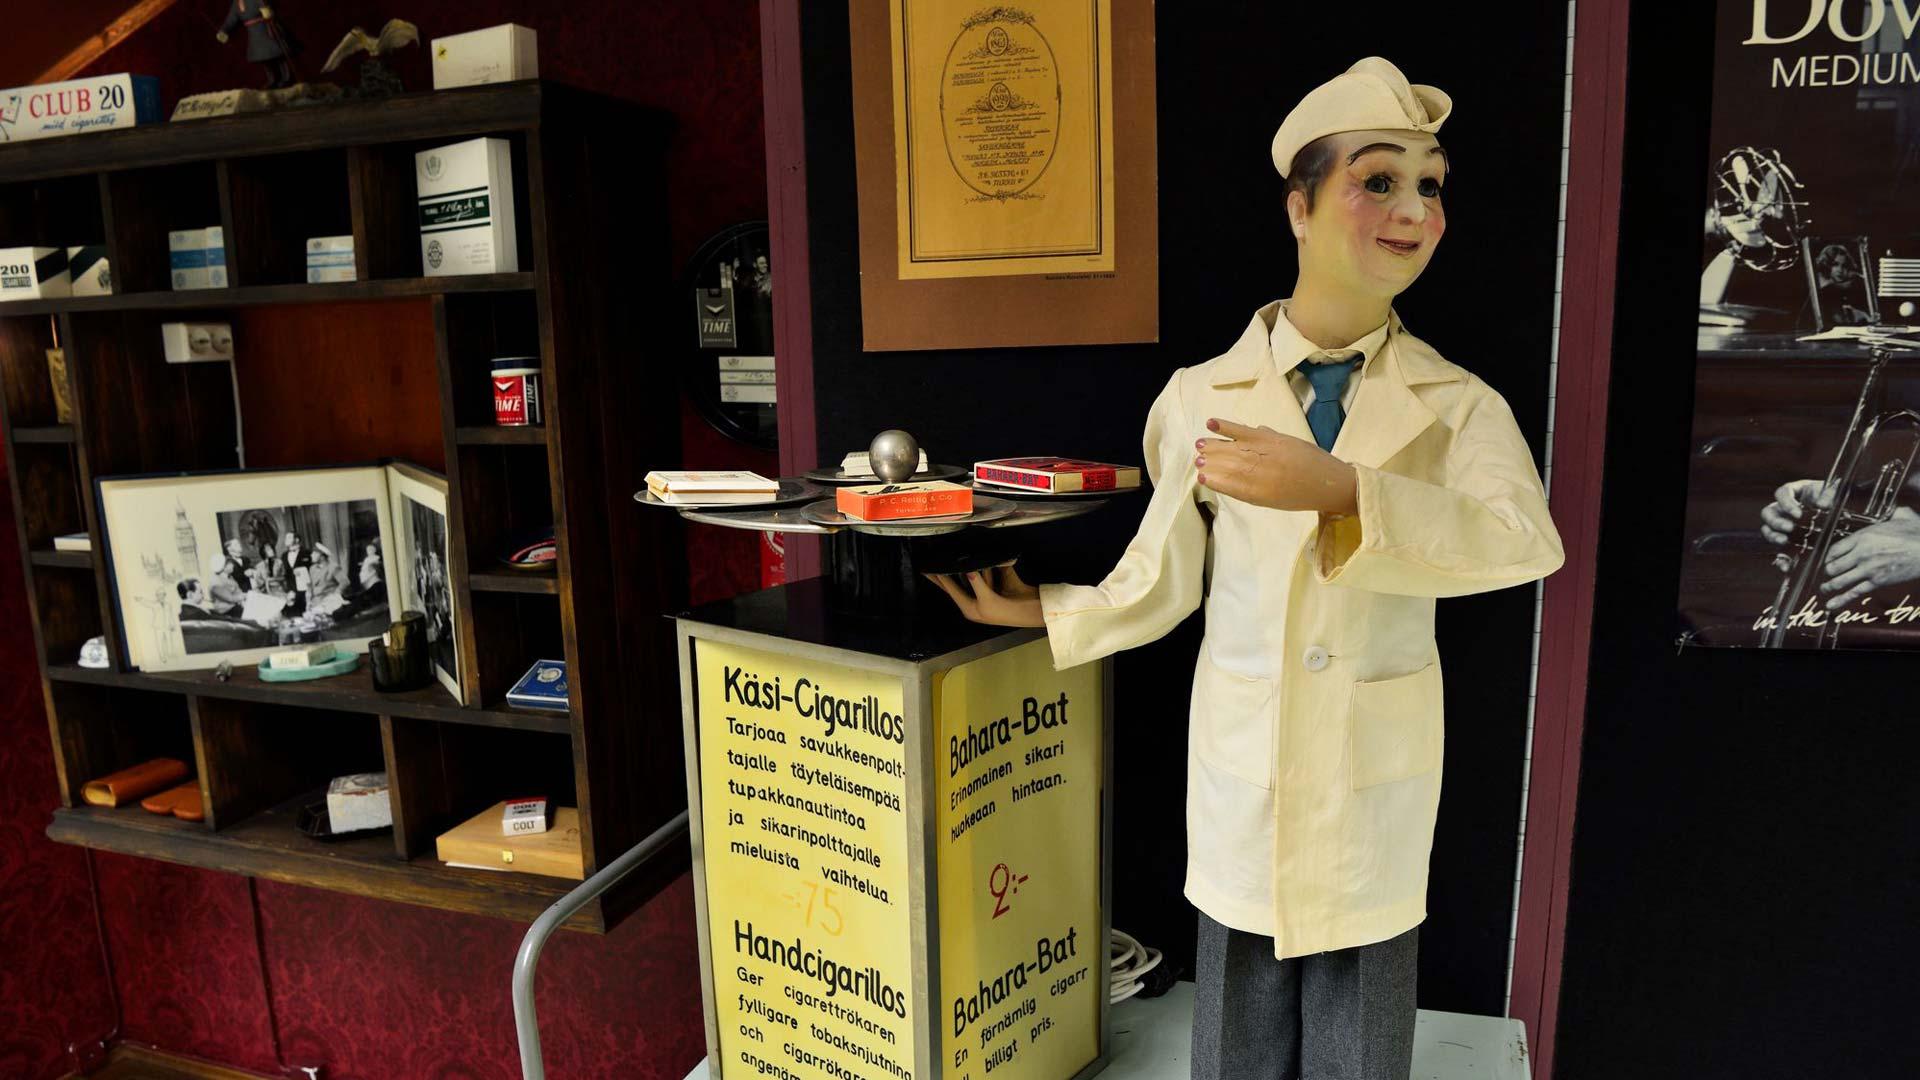 Tupakkatehtaan museo perustettiin jo vuonna 1930. Se oli useita vuosia suljettu, mutta avattiin vuonna 2019 uudelleen.